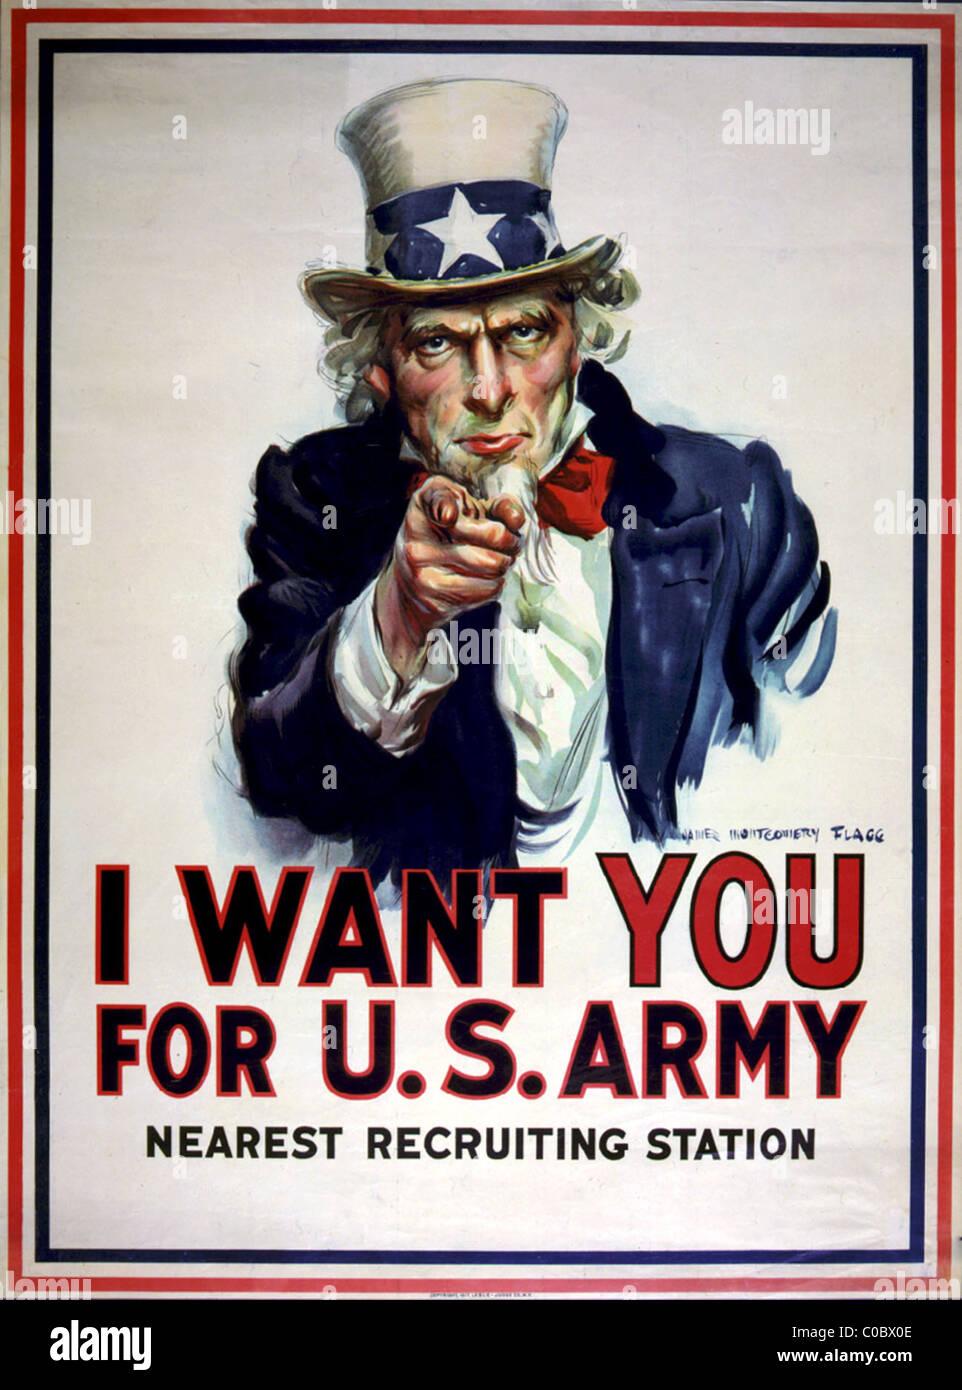 Oncle Sam affiche de recrutement pour l'Armée américaine Photo Stock